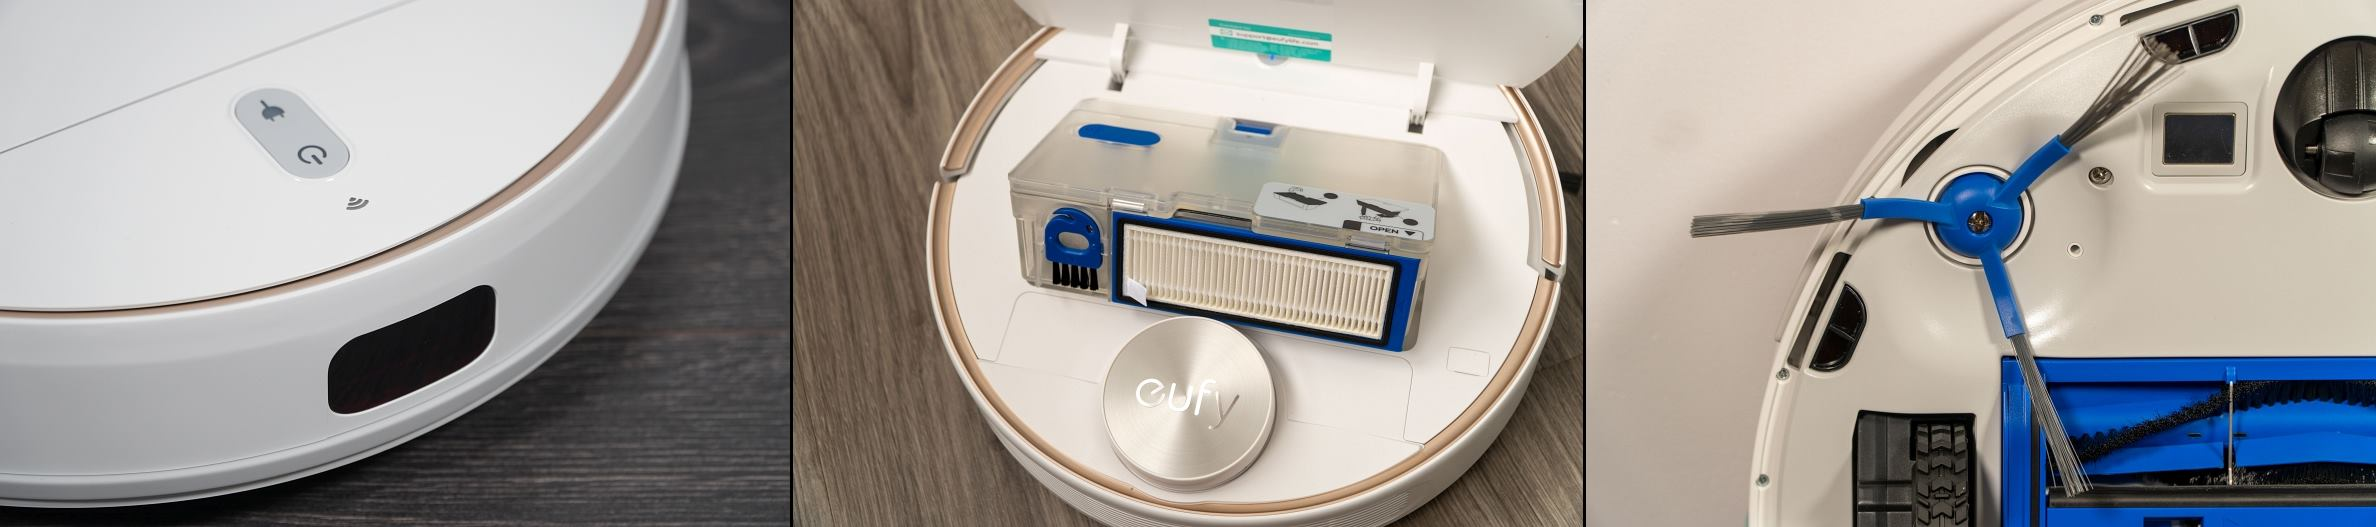 пылесос робот anker eufy robovac l70 t2190